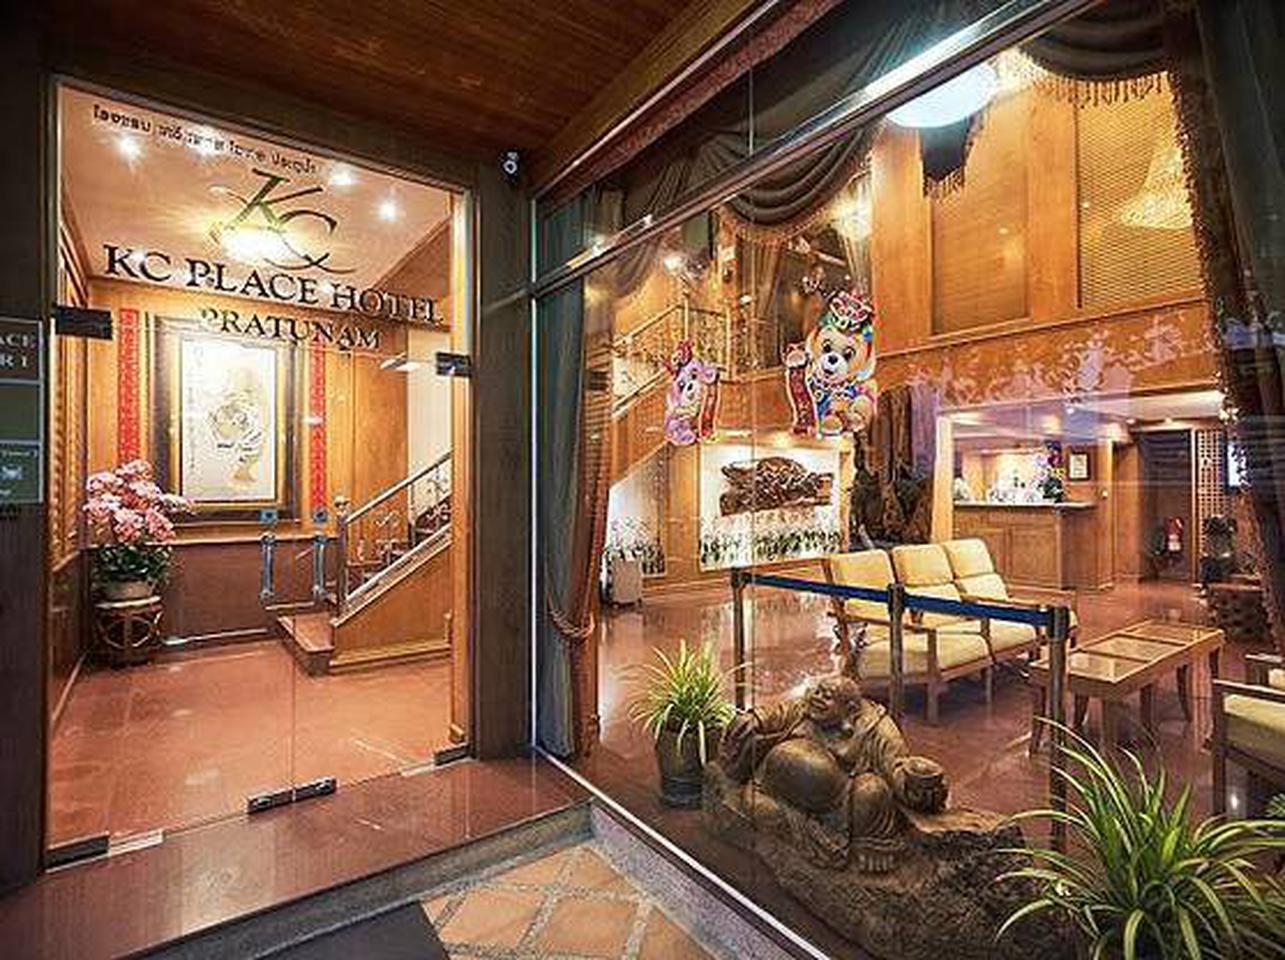 โรงแรมเคซี เพลส ประตูน้ำ (KC Place Hotel Pratunam) รูปที่ 5